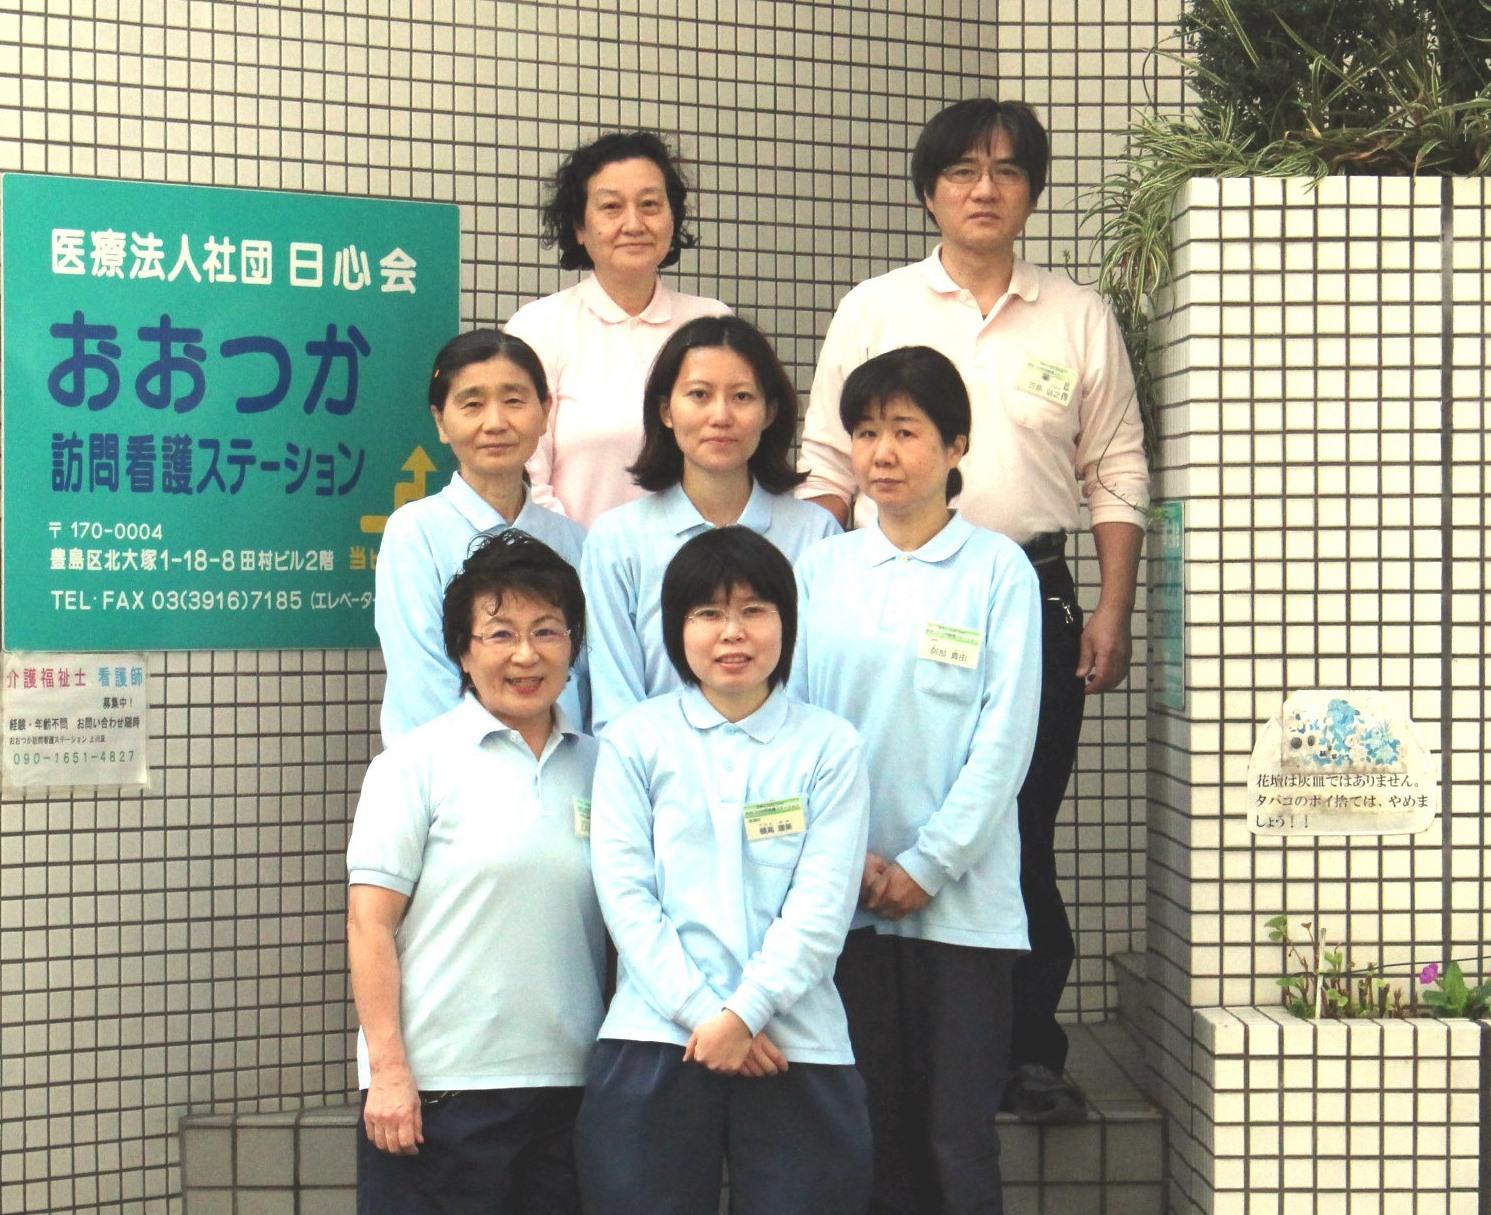 医療法人社団日心会 おおつか訪問看護ステーション